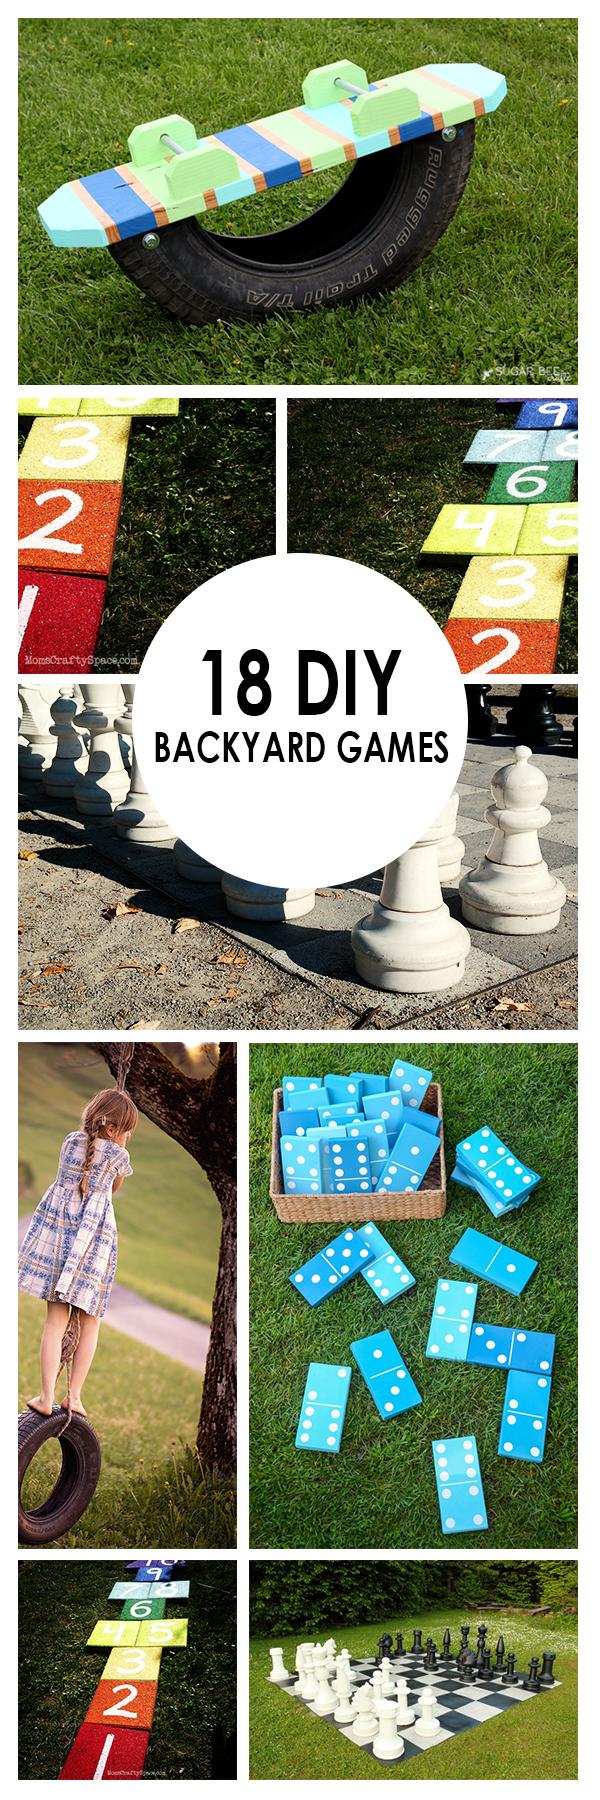 Backyard games, backyard hacks, popular pin, backyard living, backyards, DIY outdoor living, outdoor living, landscaping hacks, gardening.